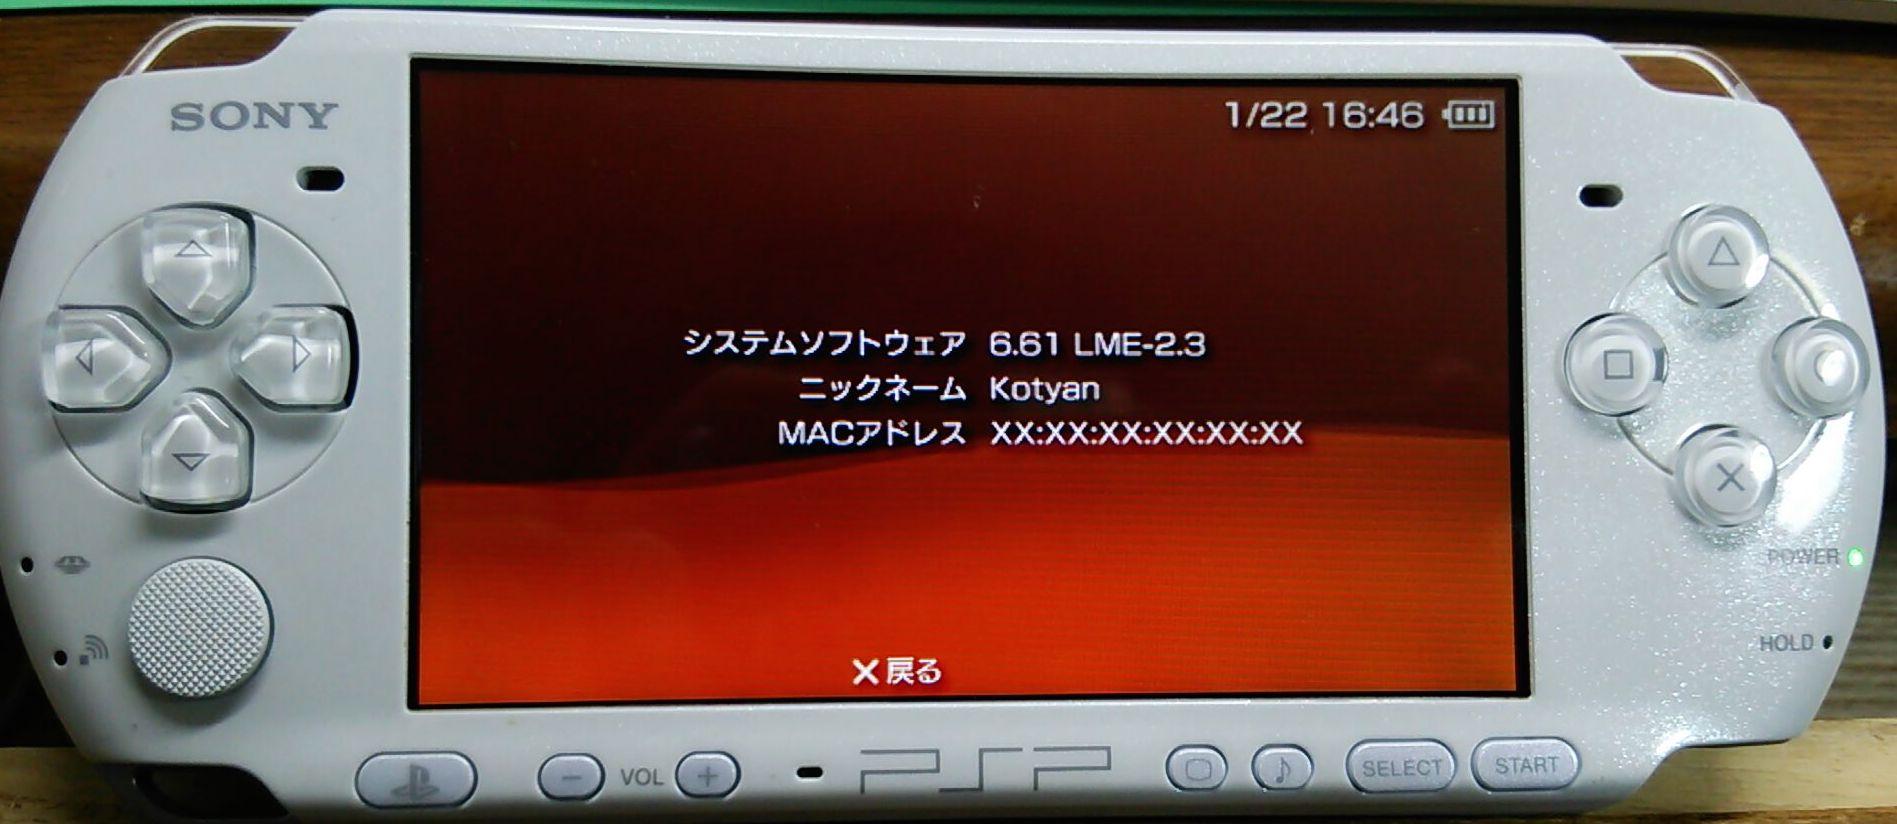 PSP CFW6.61 ME/LME リリース [導入方法]